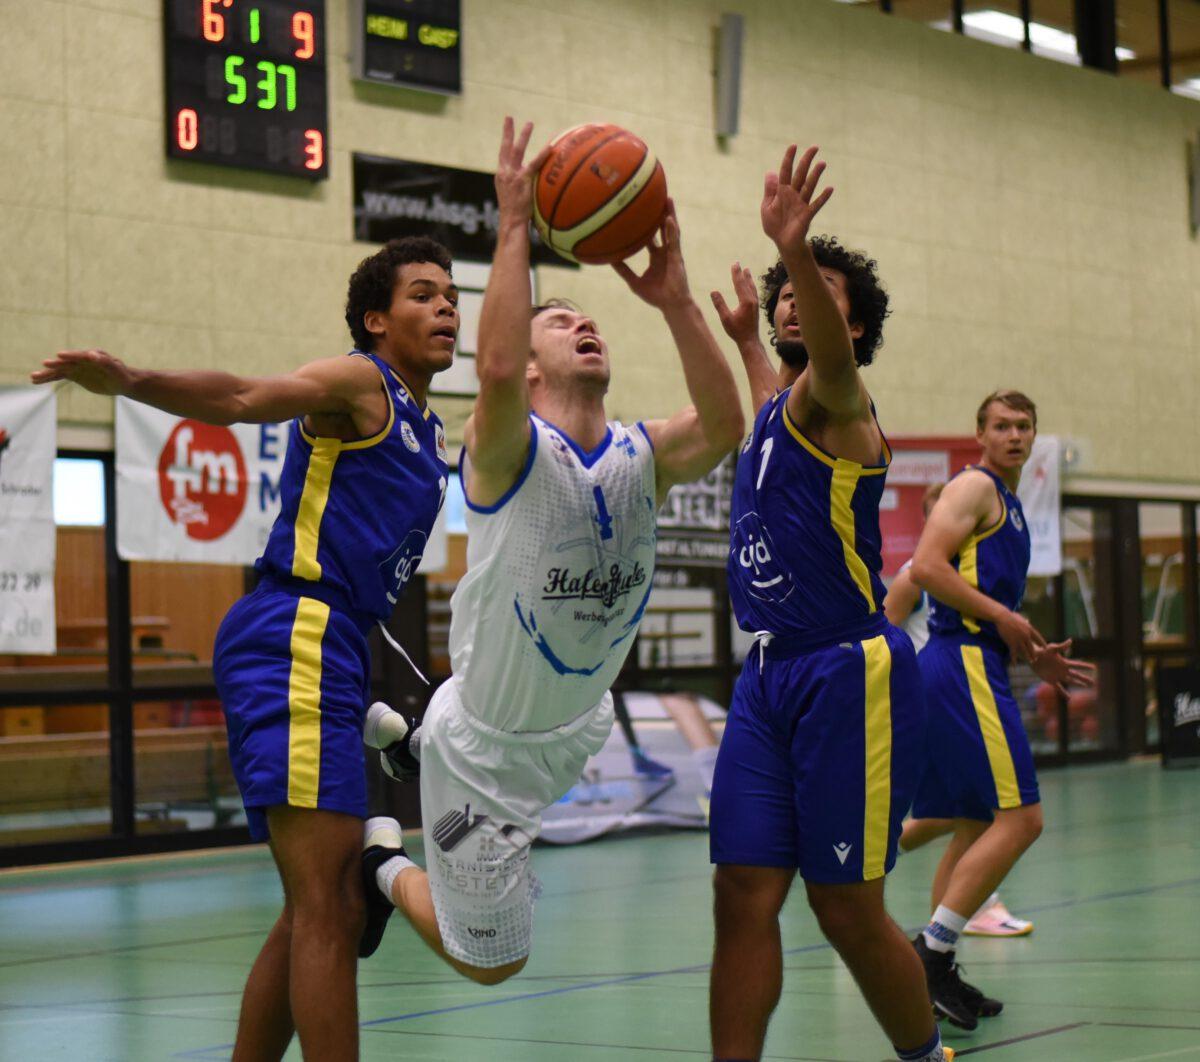 51:81 – Logabirumer Basketballer waren gegen Titelaspirant Braunschweig chancenlos